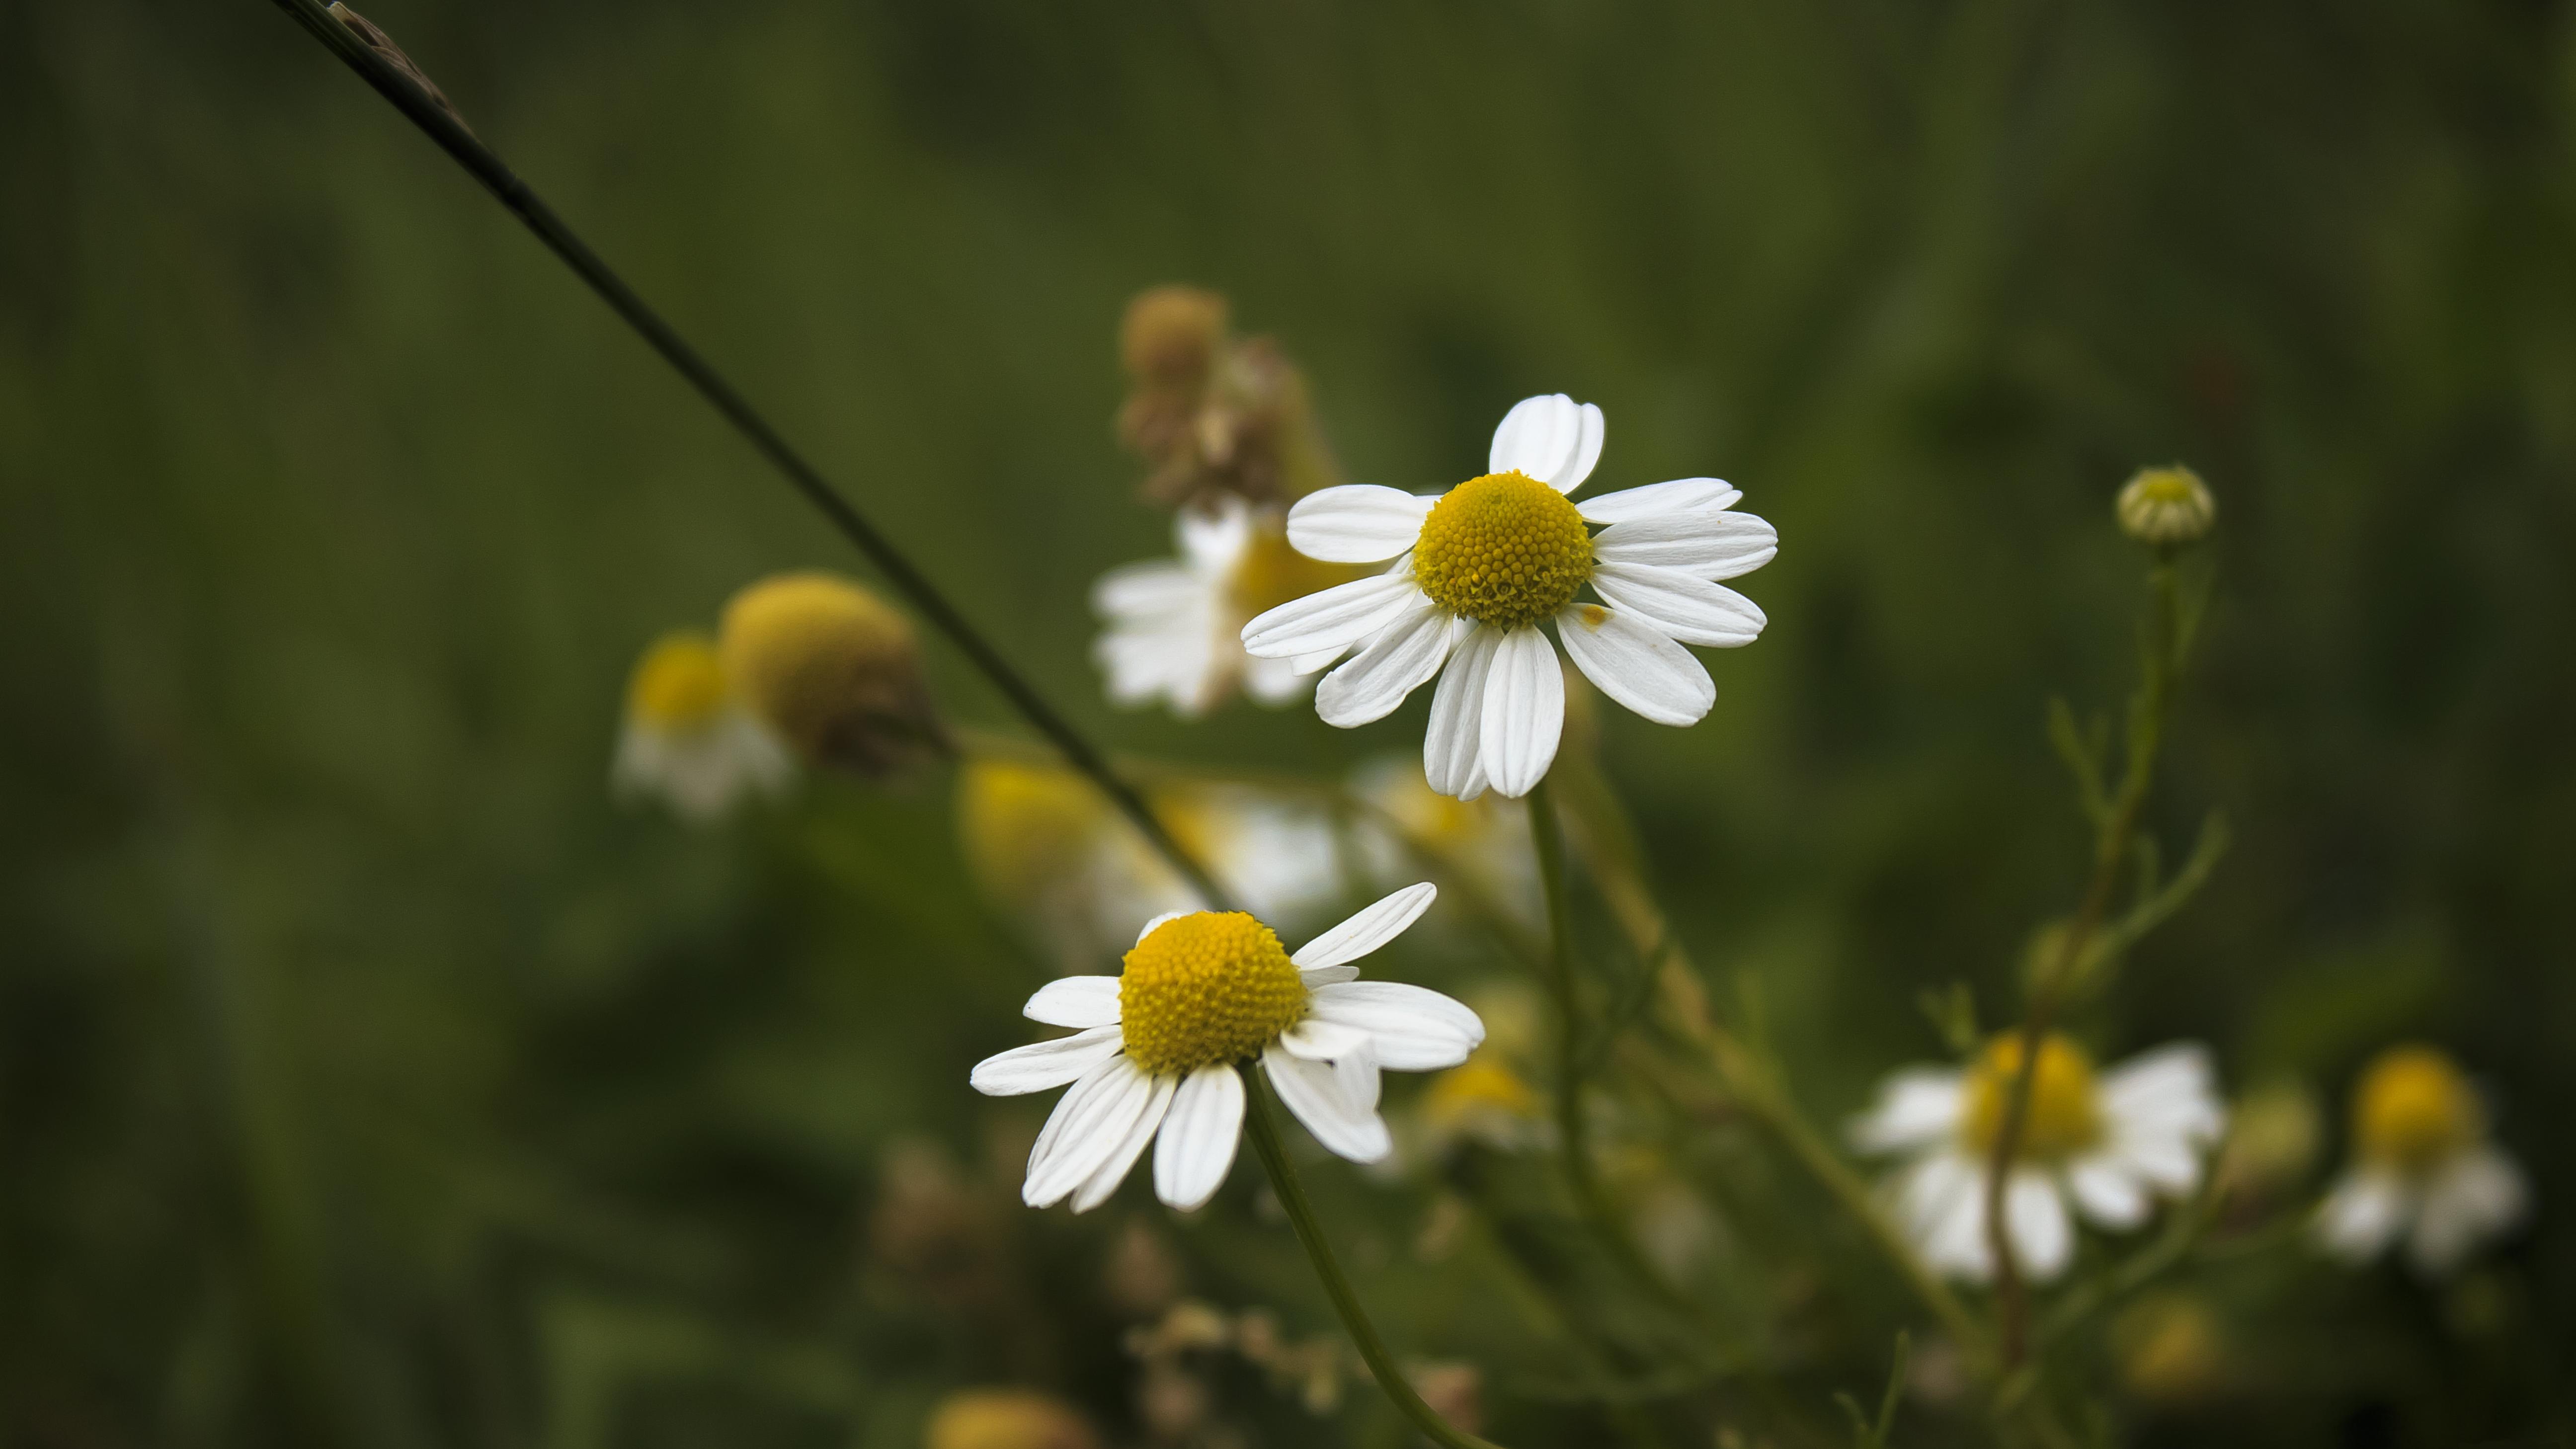 White little Flowers by Danimatie on DeviantArt